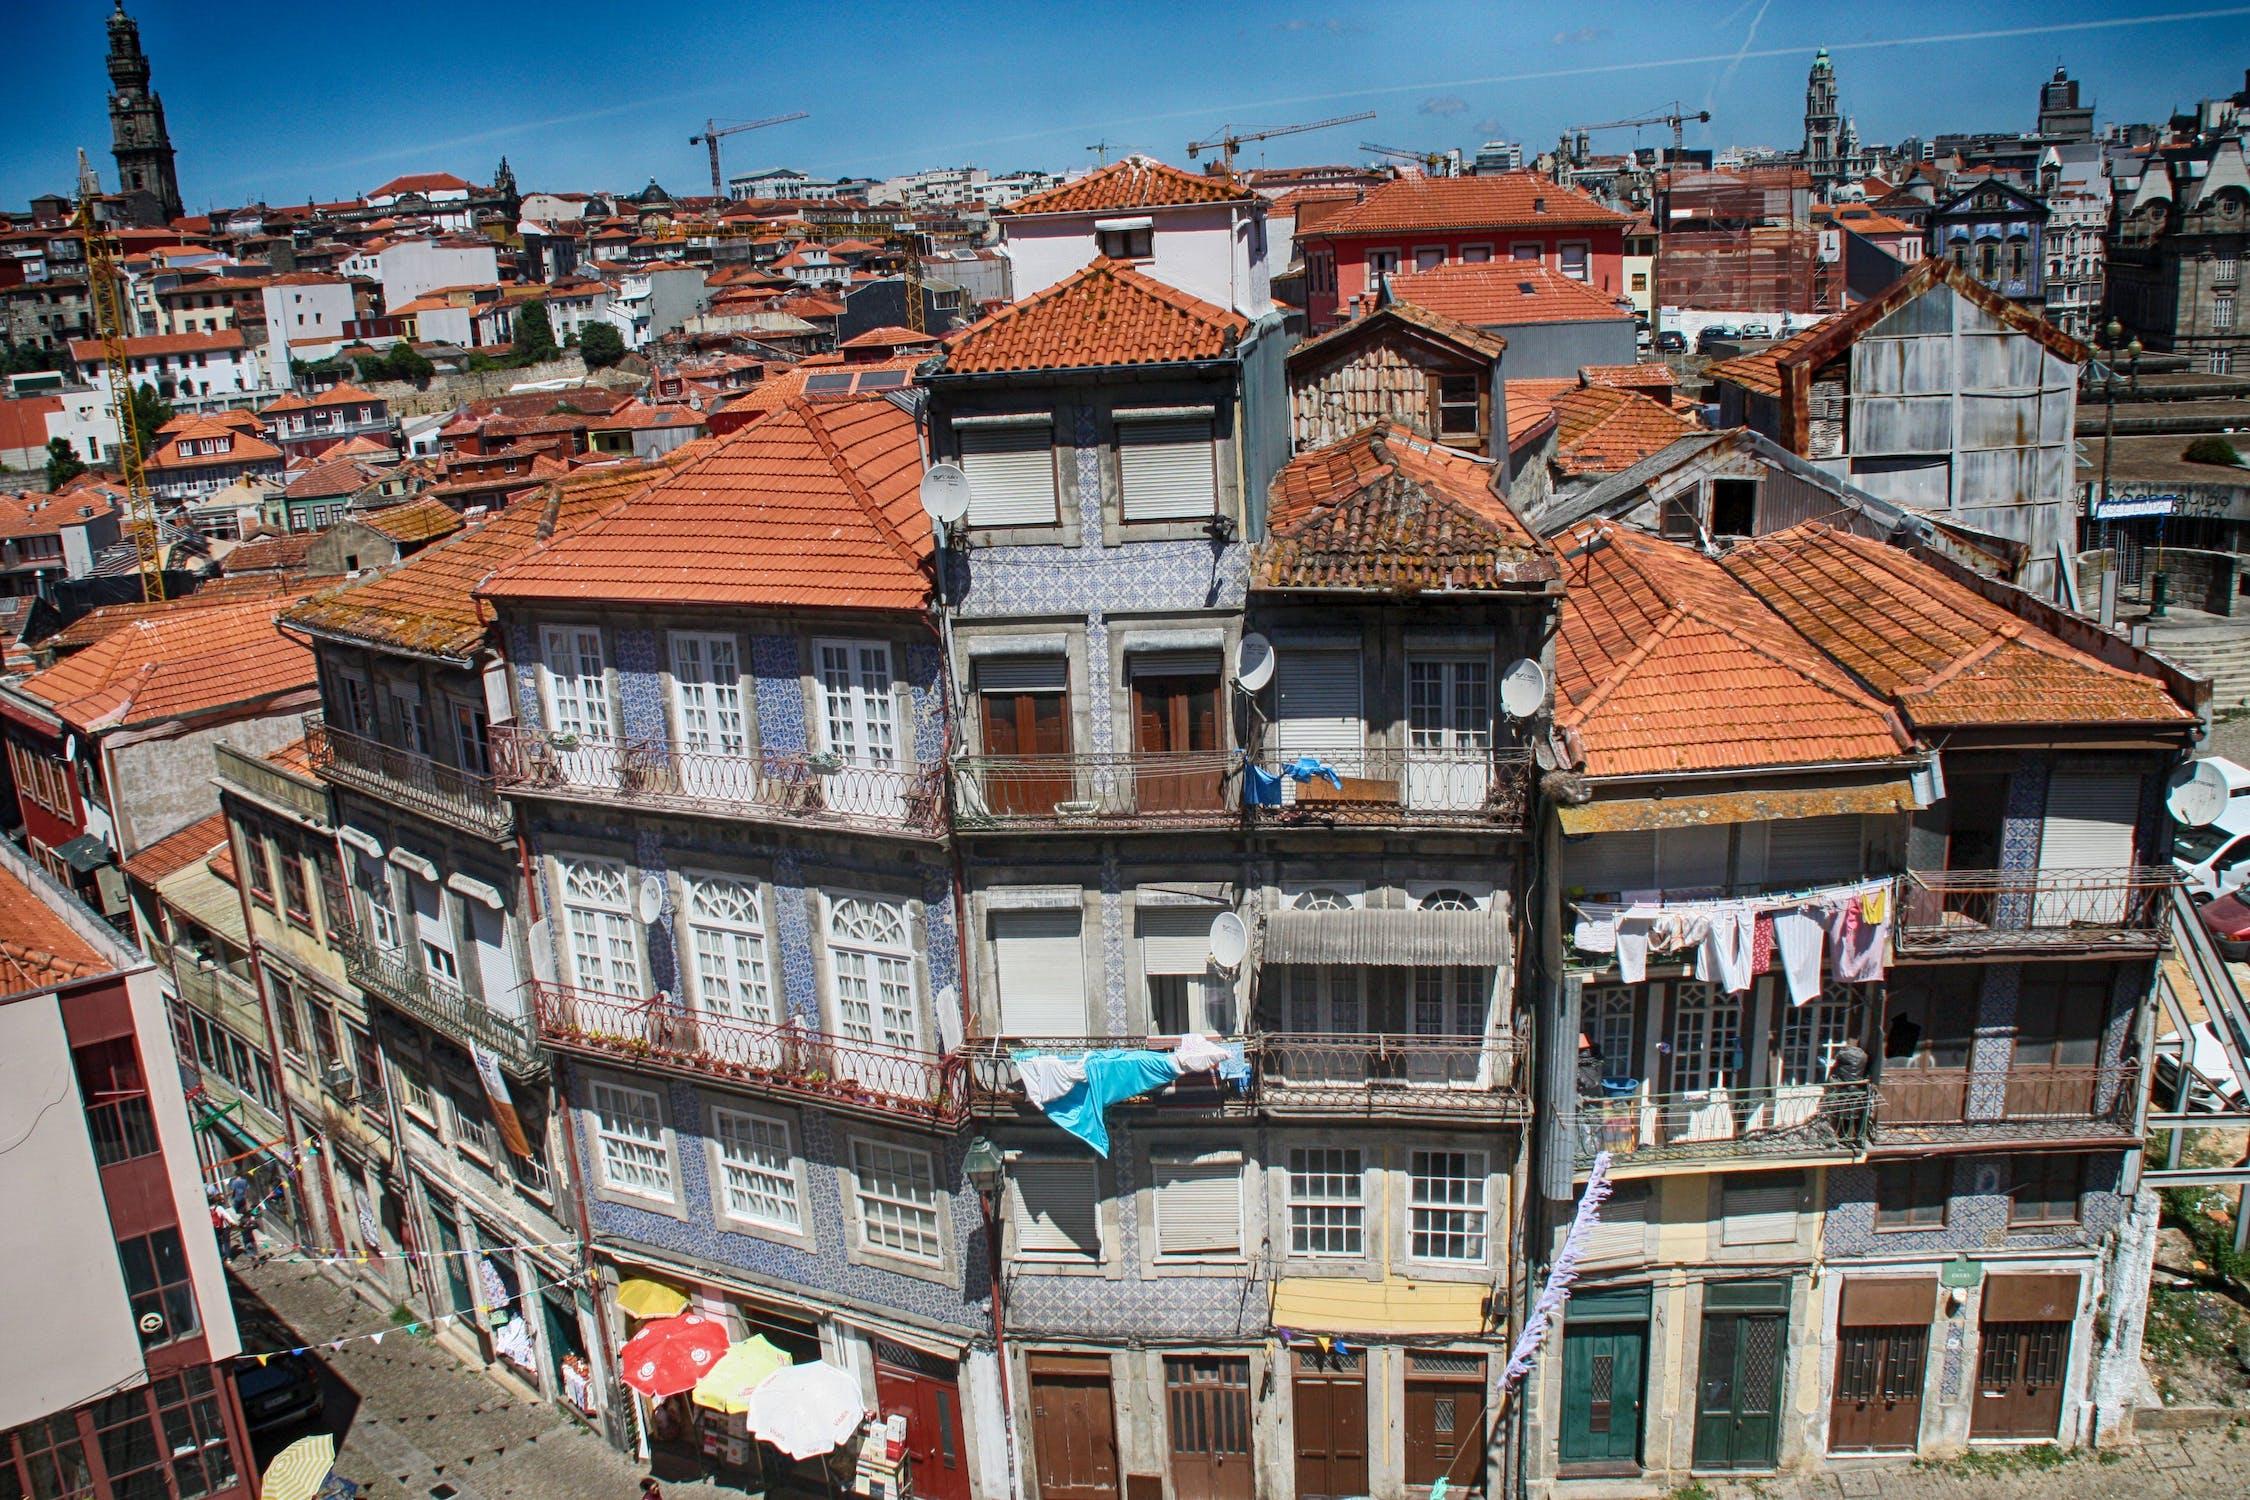 внешне, манере фото домов в португалии узнать этих знаменитых